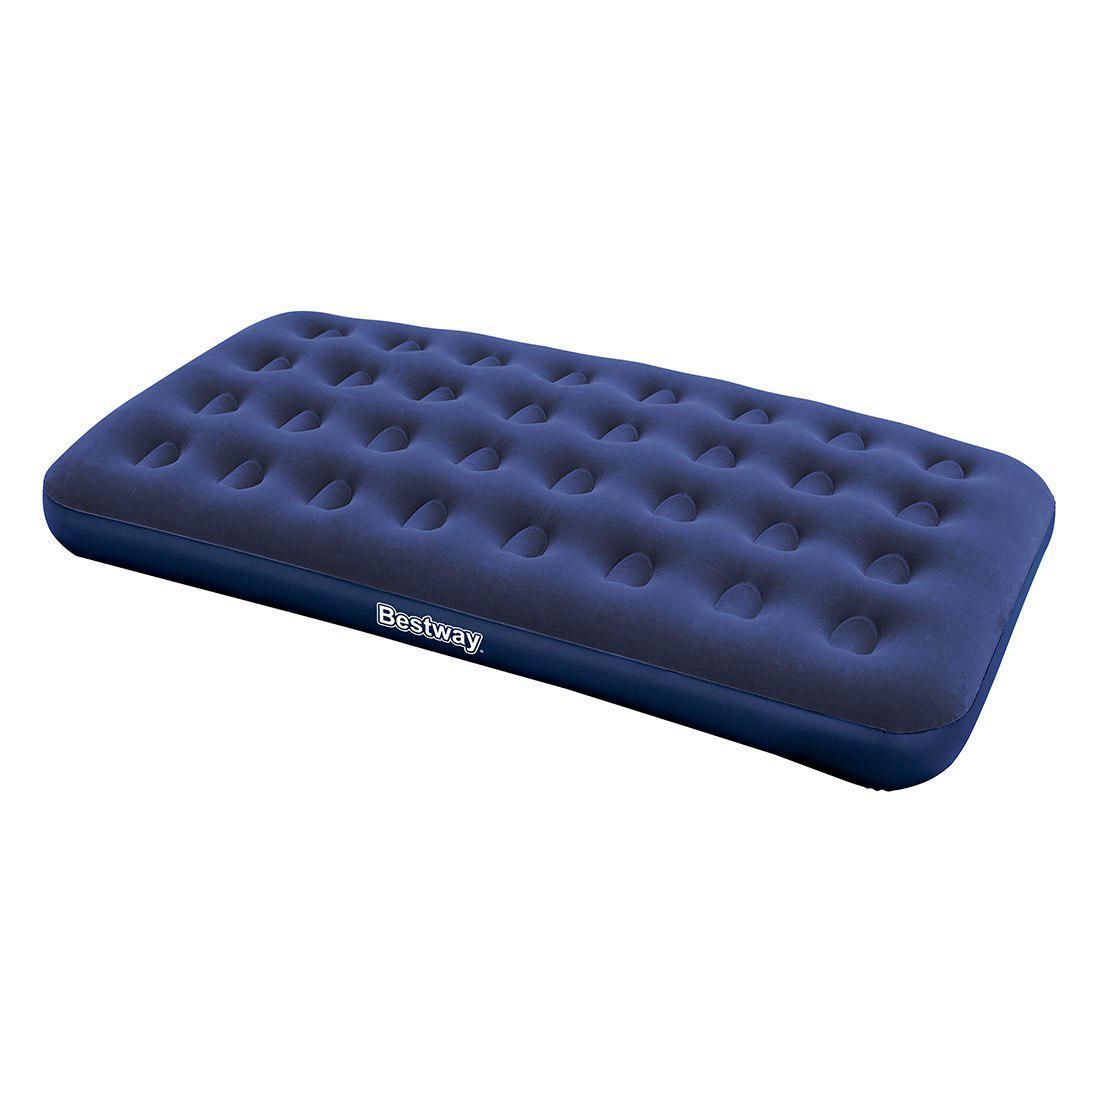 Матраc надувной Bestway 67002, Форм-фактор: Прямоугольный, Мест: 2, Материал: Поливинилхлорид, Цвет: Синий